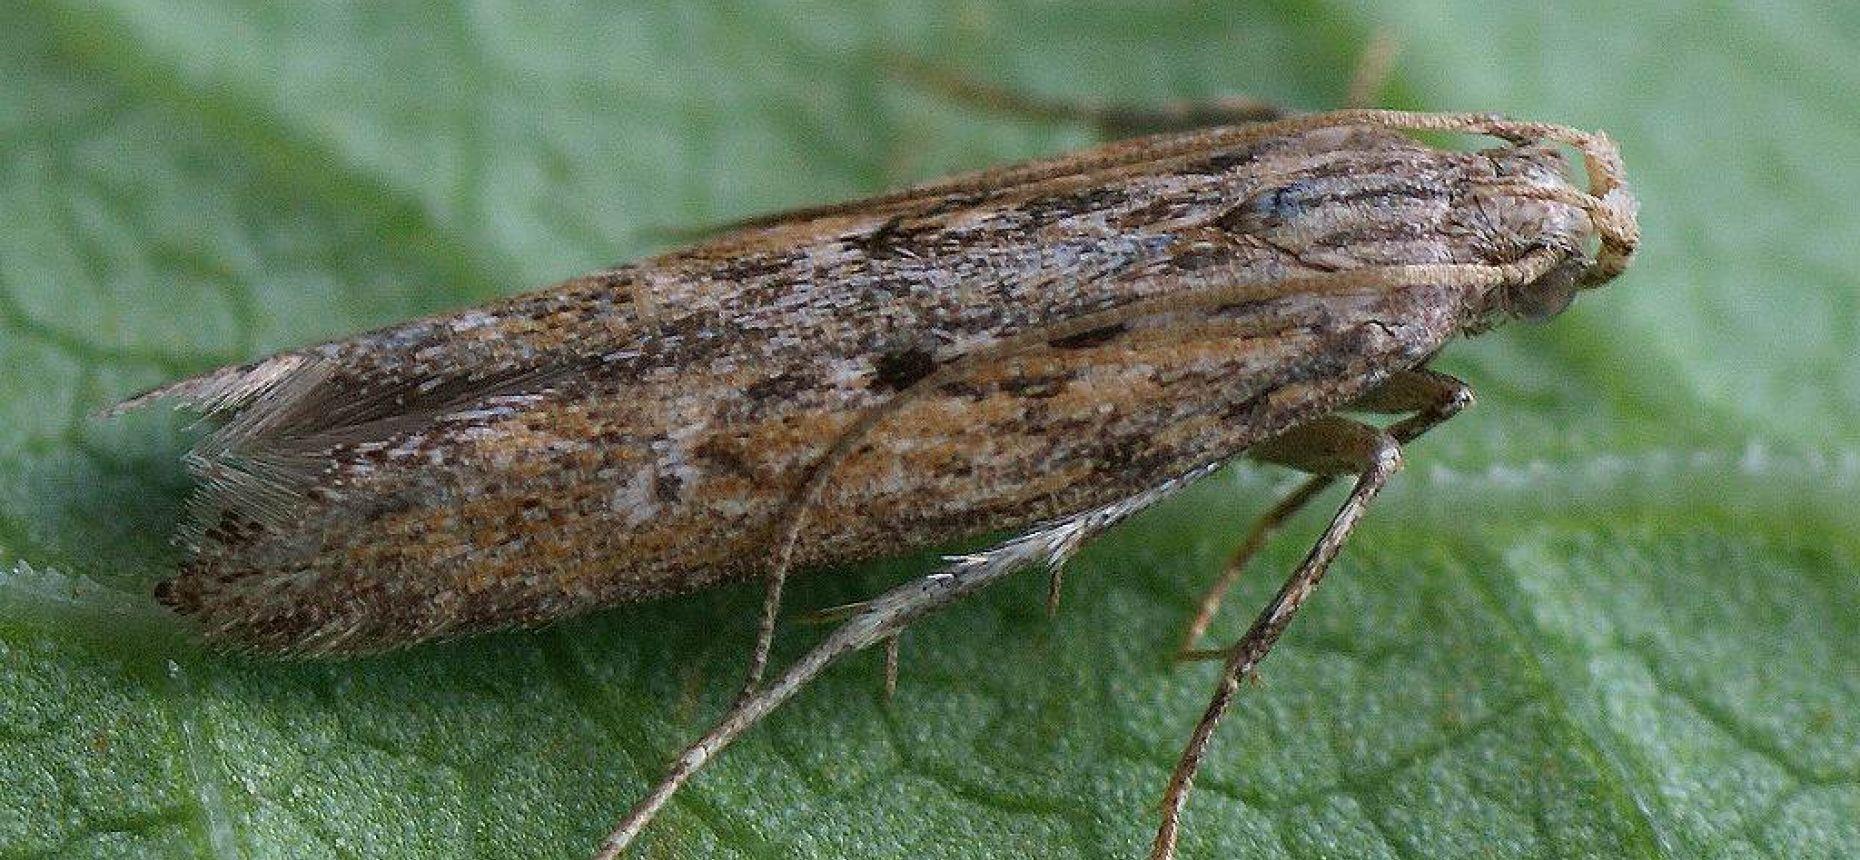 Картофельная моль - Phthorimaea operculella Zel.